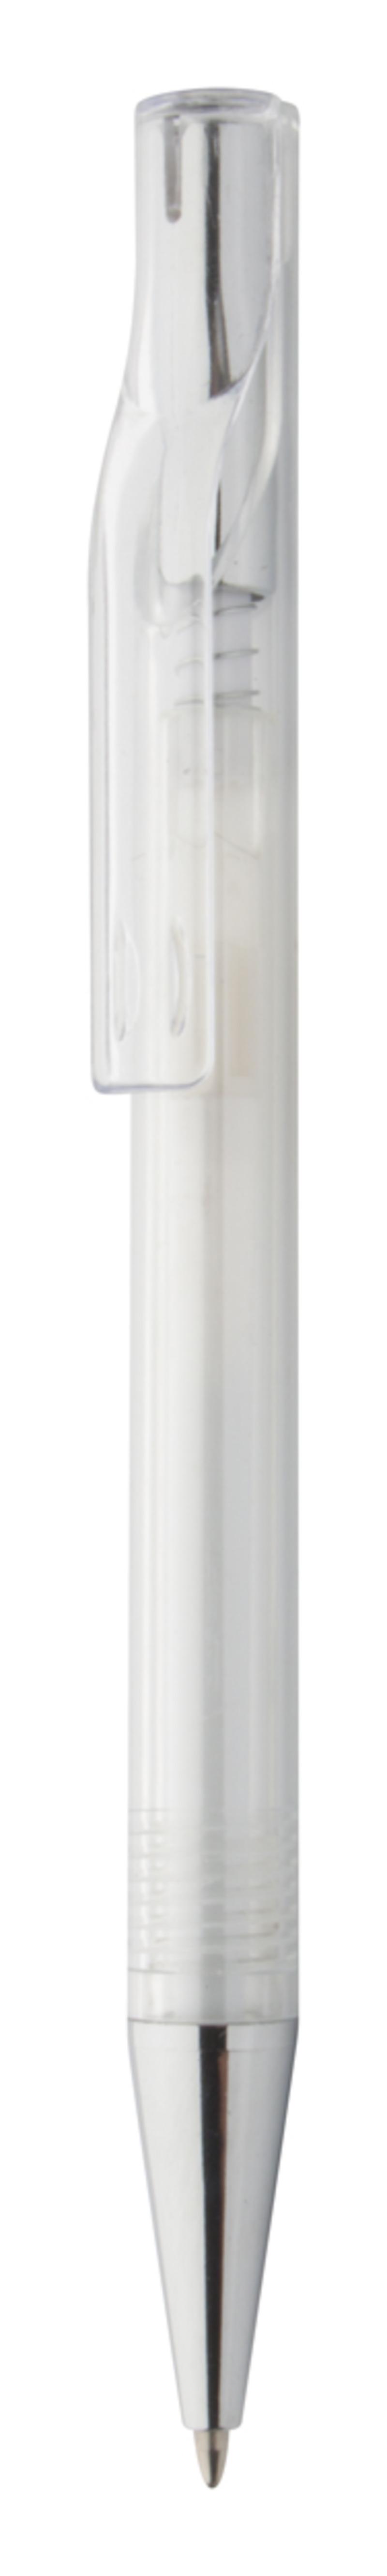 Stork ballpoint pen